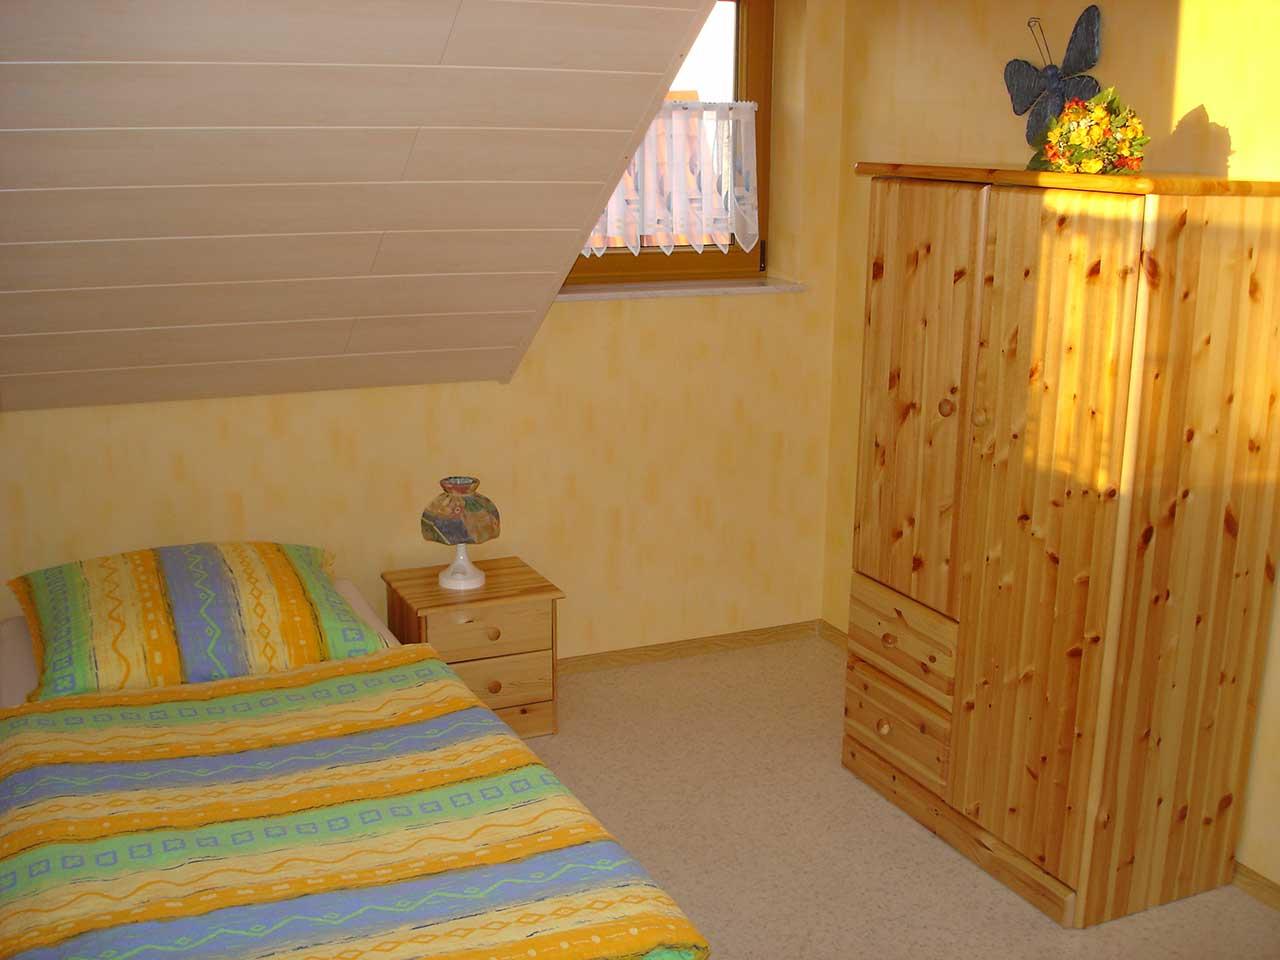 Ferienwohnung Freudensprung - Schlafzimmer 2 - Ansicht 2